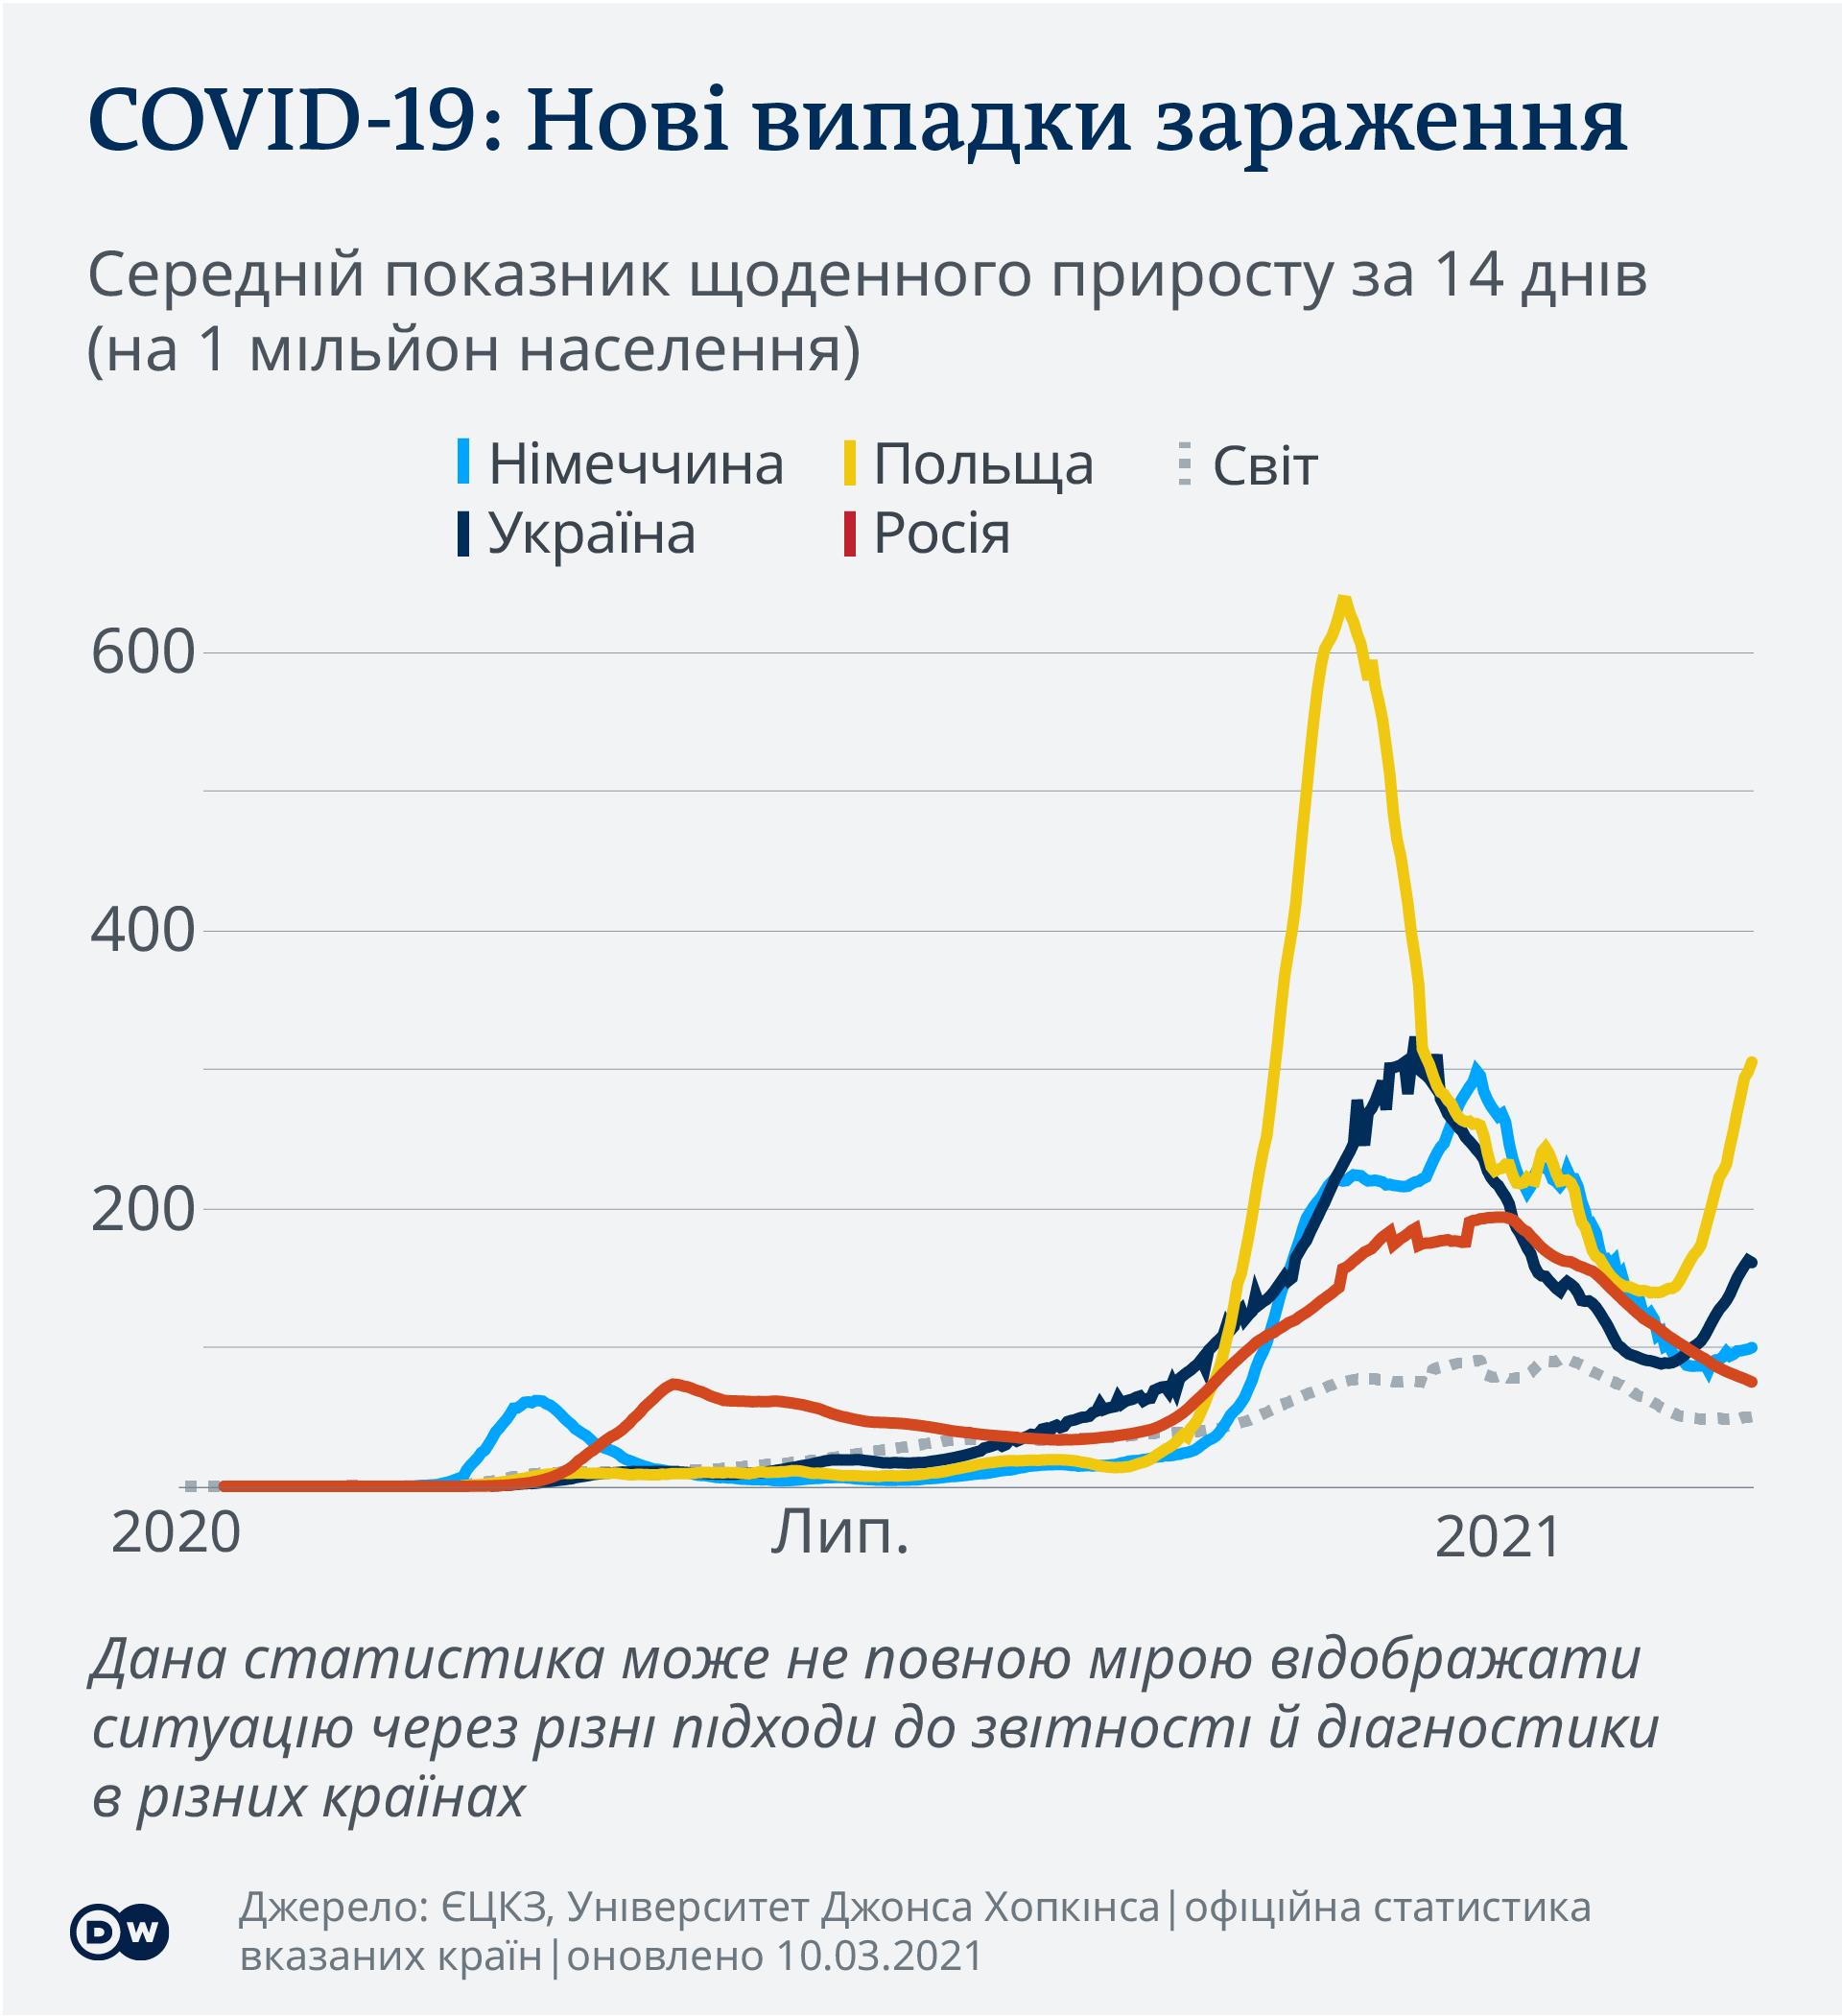 Інфографіка: порівняння кількості нових випадків зараження коронавірусом в Україні, Польщі, Росії, Німеччині та світі. Дані станом на 10 березня